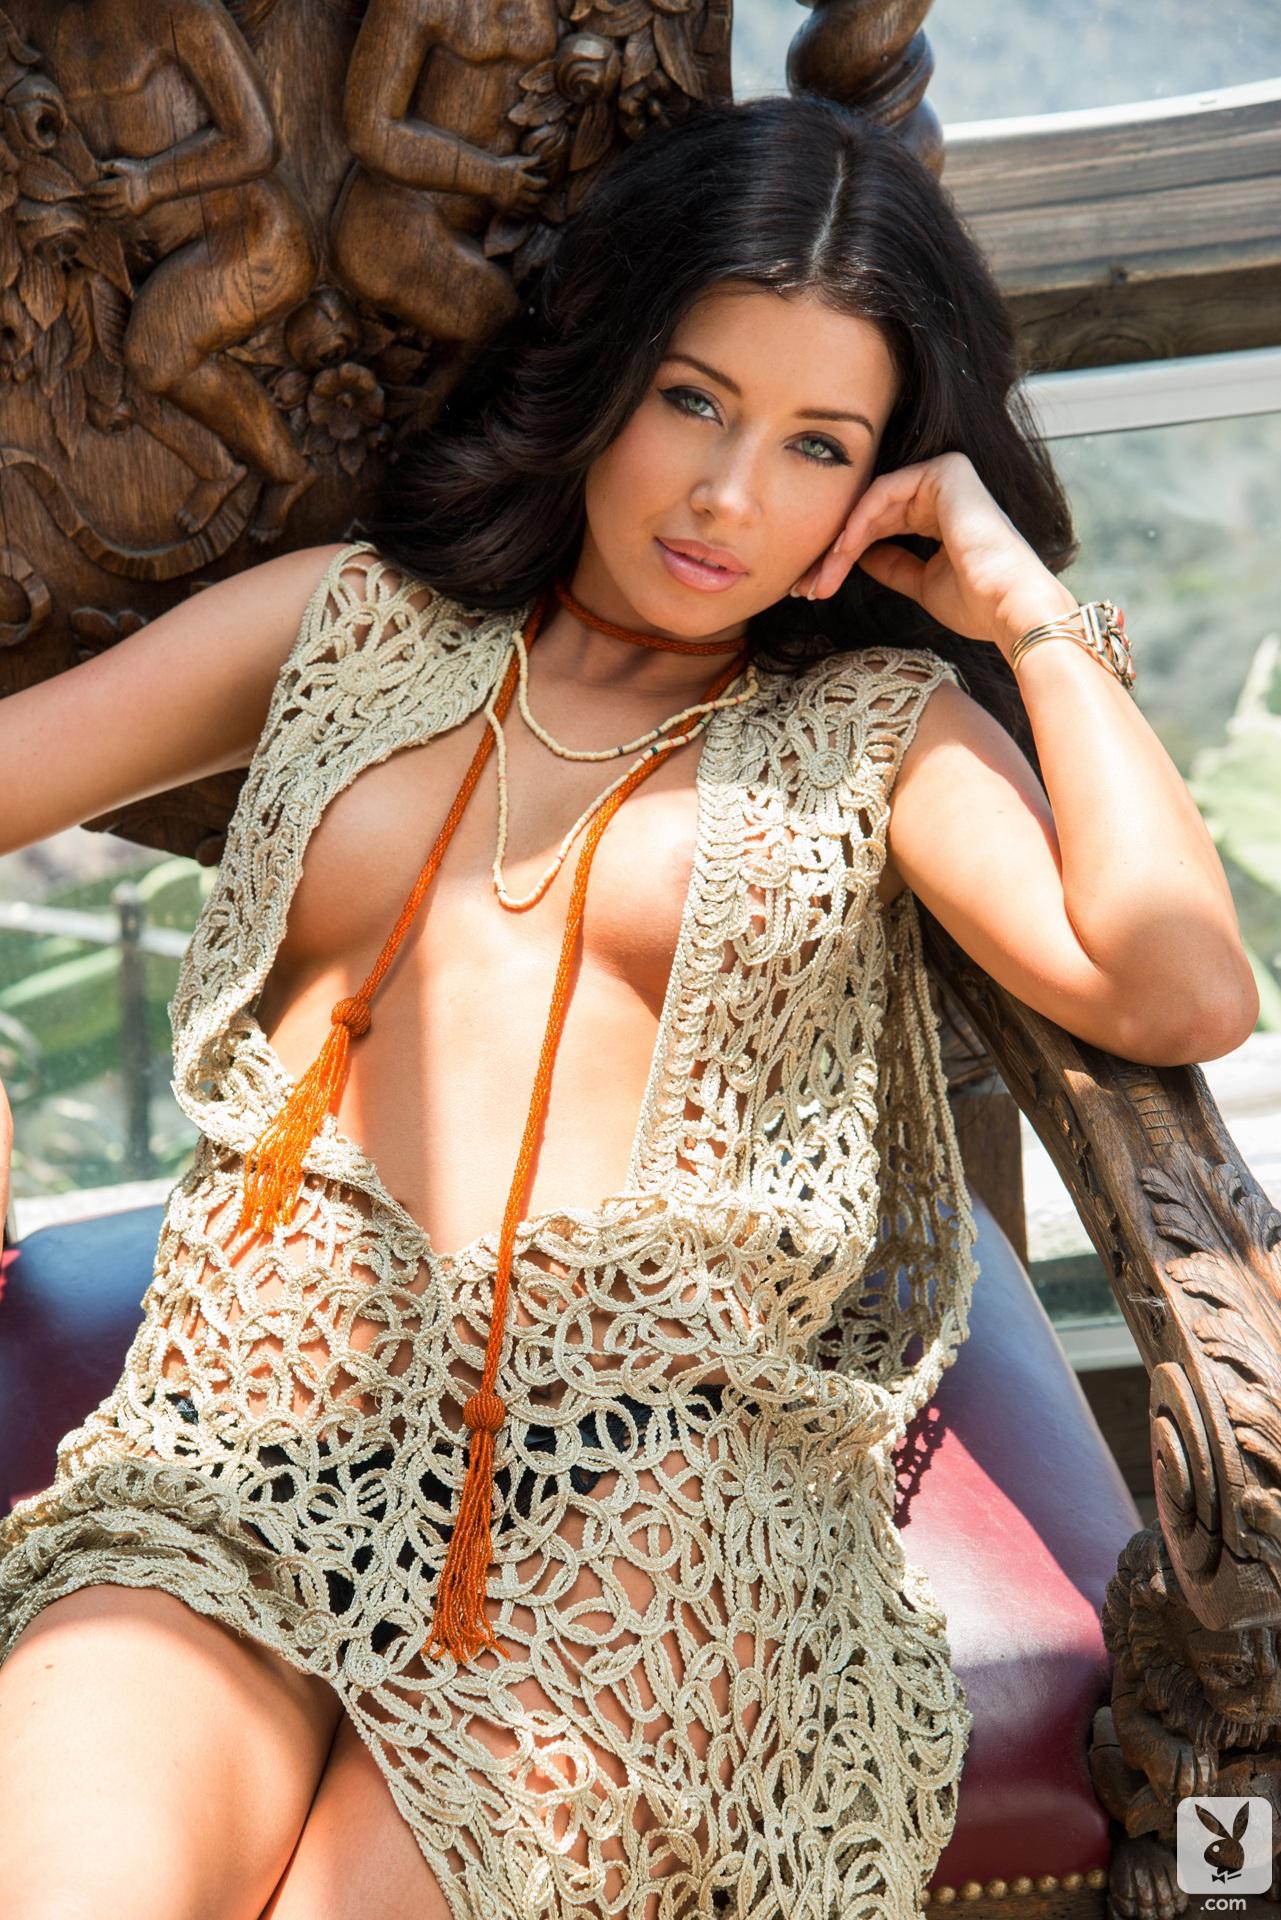 Gemma Lee Farrell Nude Best gemma lee farrell nude playboy 04 redbust